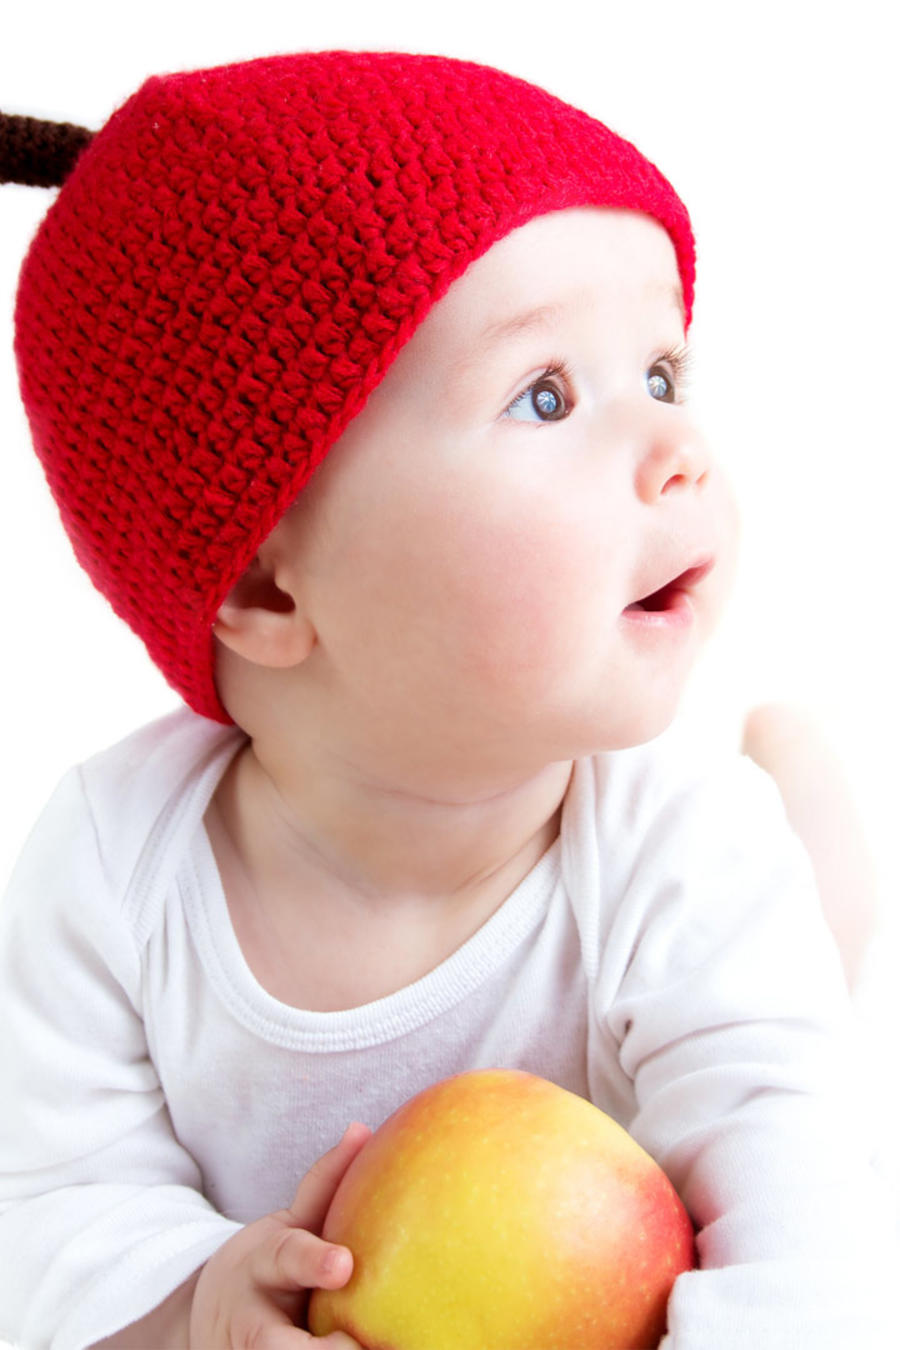 Bebé con un gorro rojo tejido